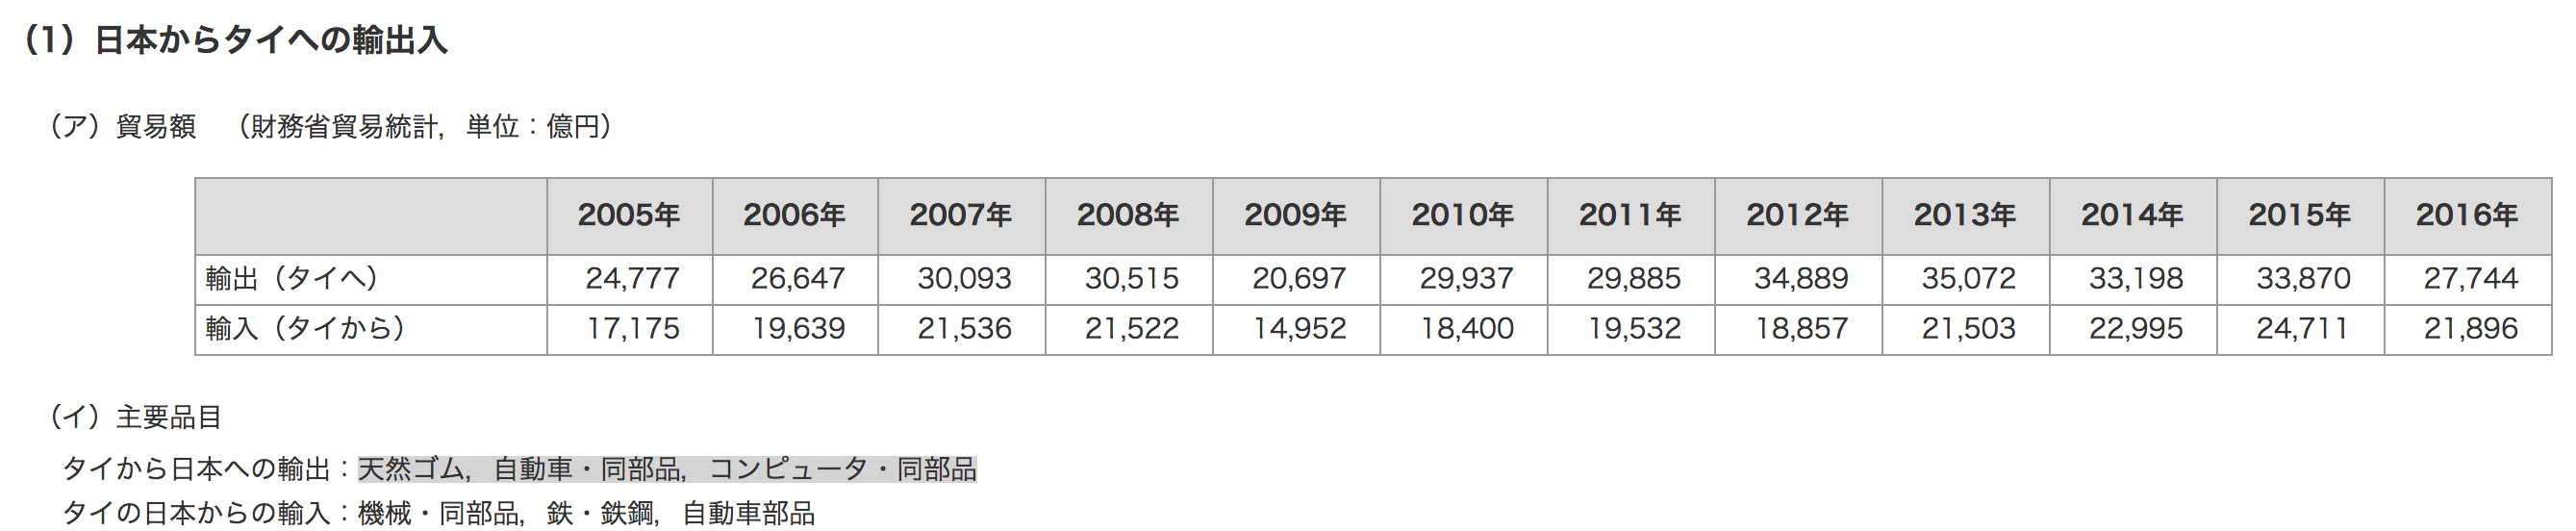 日本からタイへの輸出入